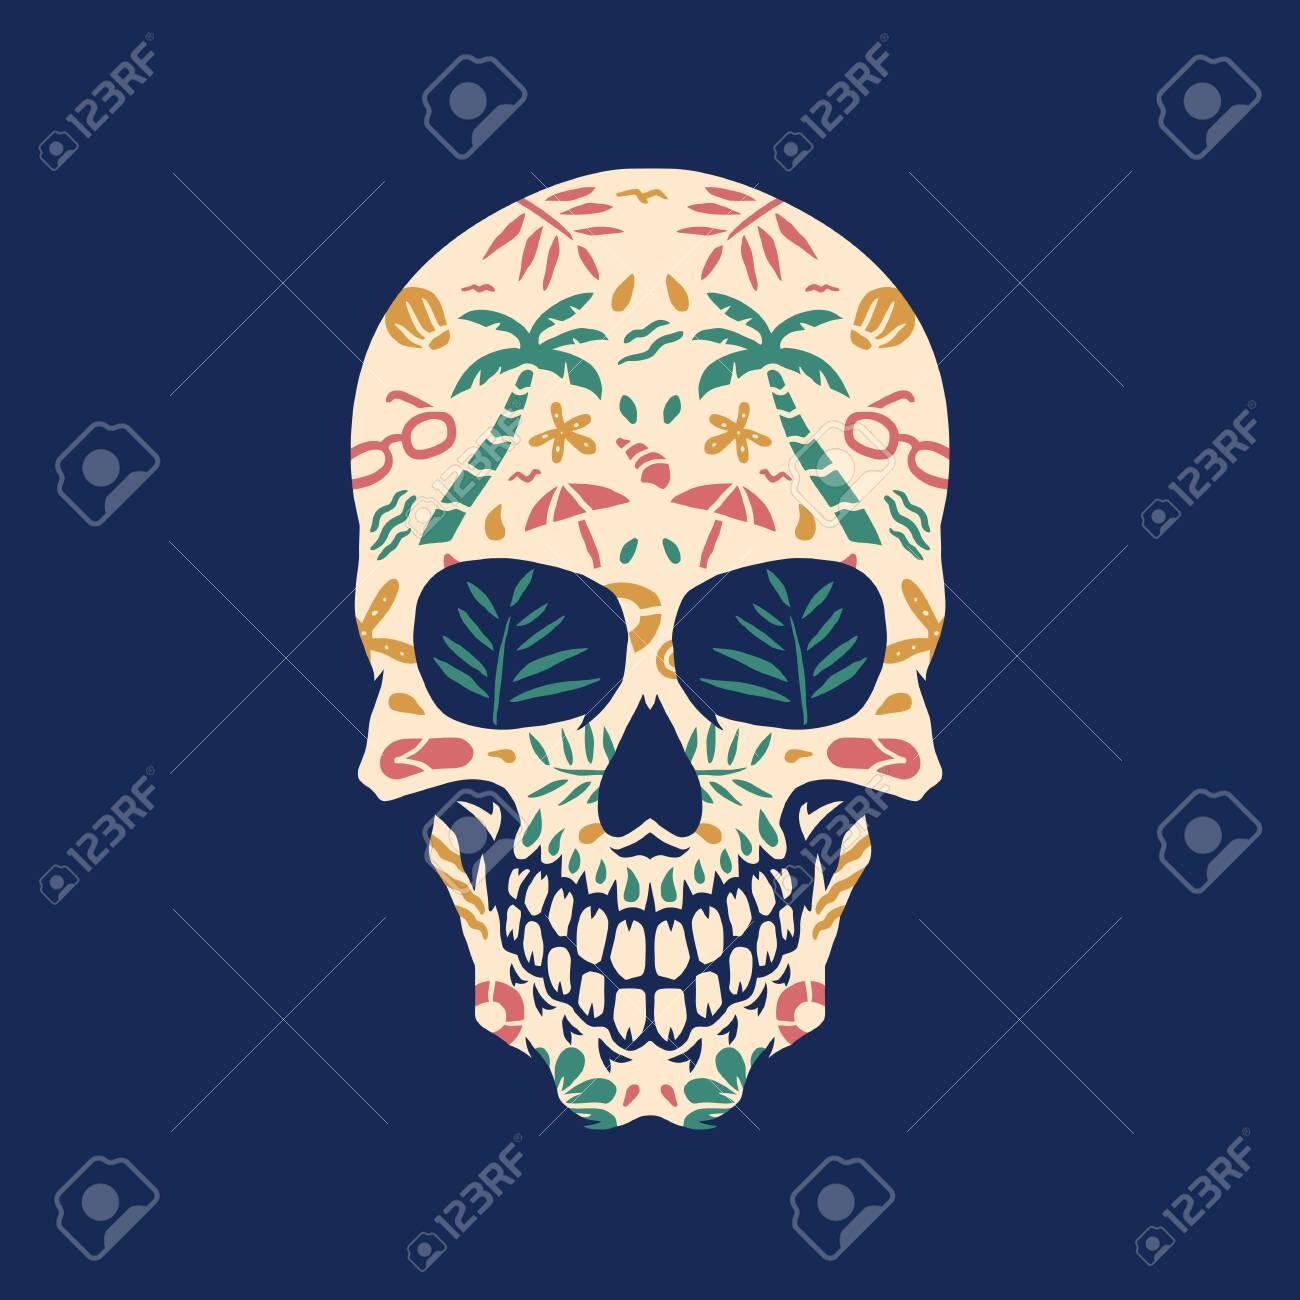 Beach skull, vector illustration - 136594597